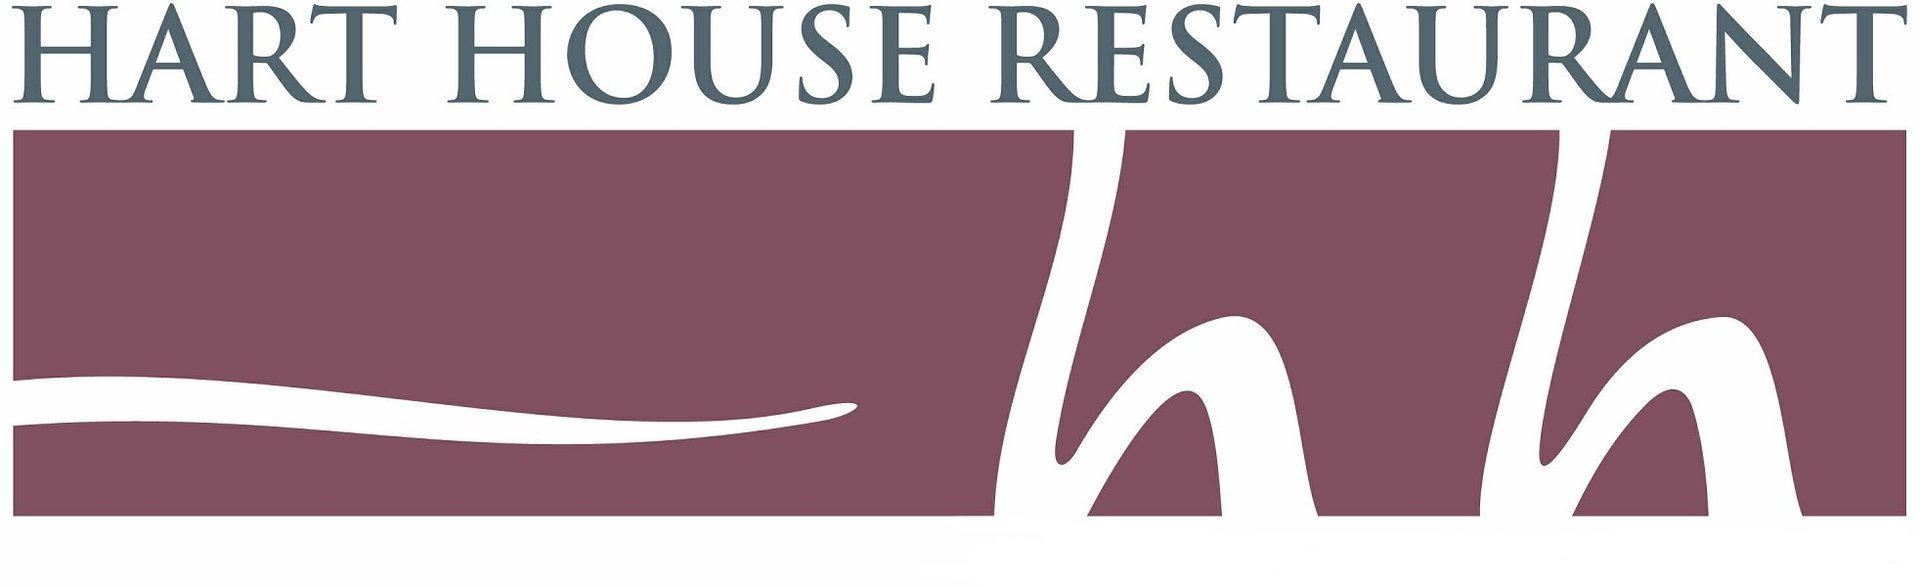 Image result for hart house restaurant logo